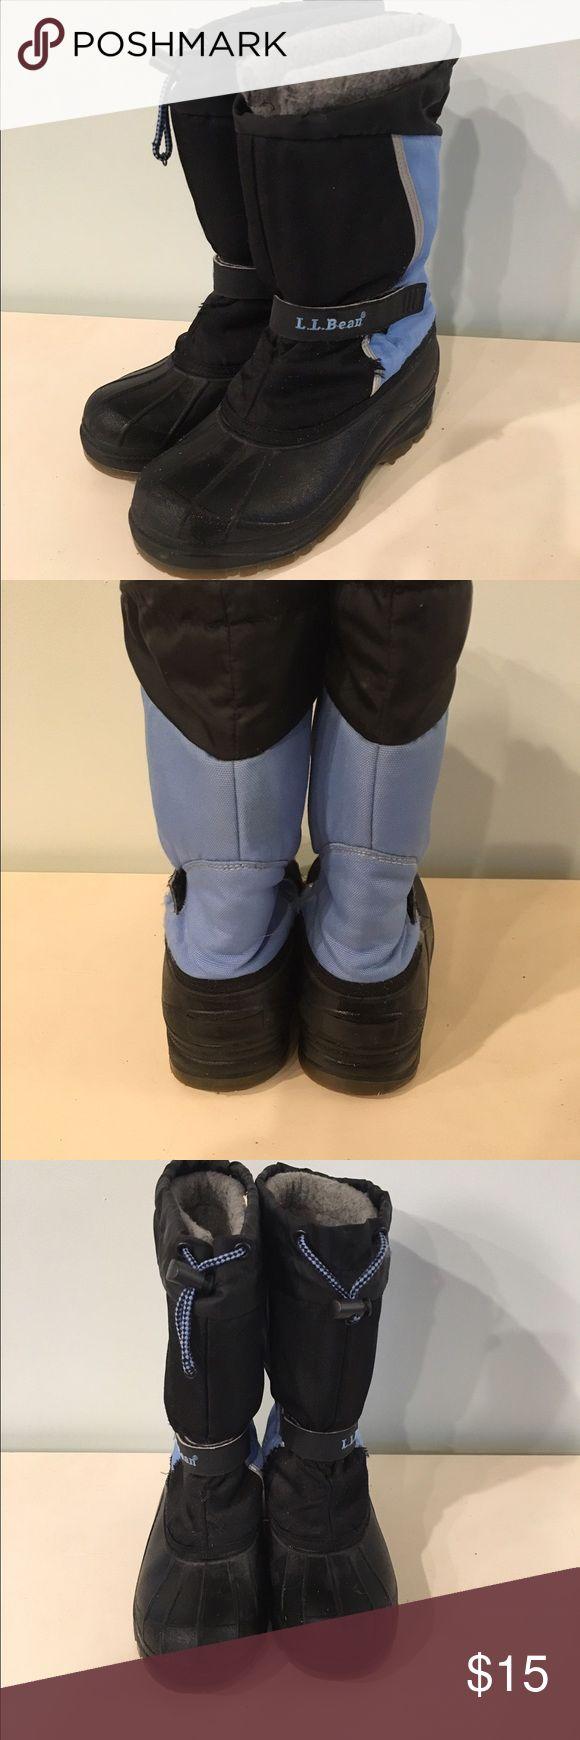 LL Bean Kids snow boots LL Bean Snow Boots kids size 5. LL Bean  Shoes Rain & Snow Boots